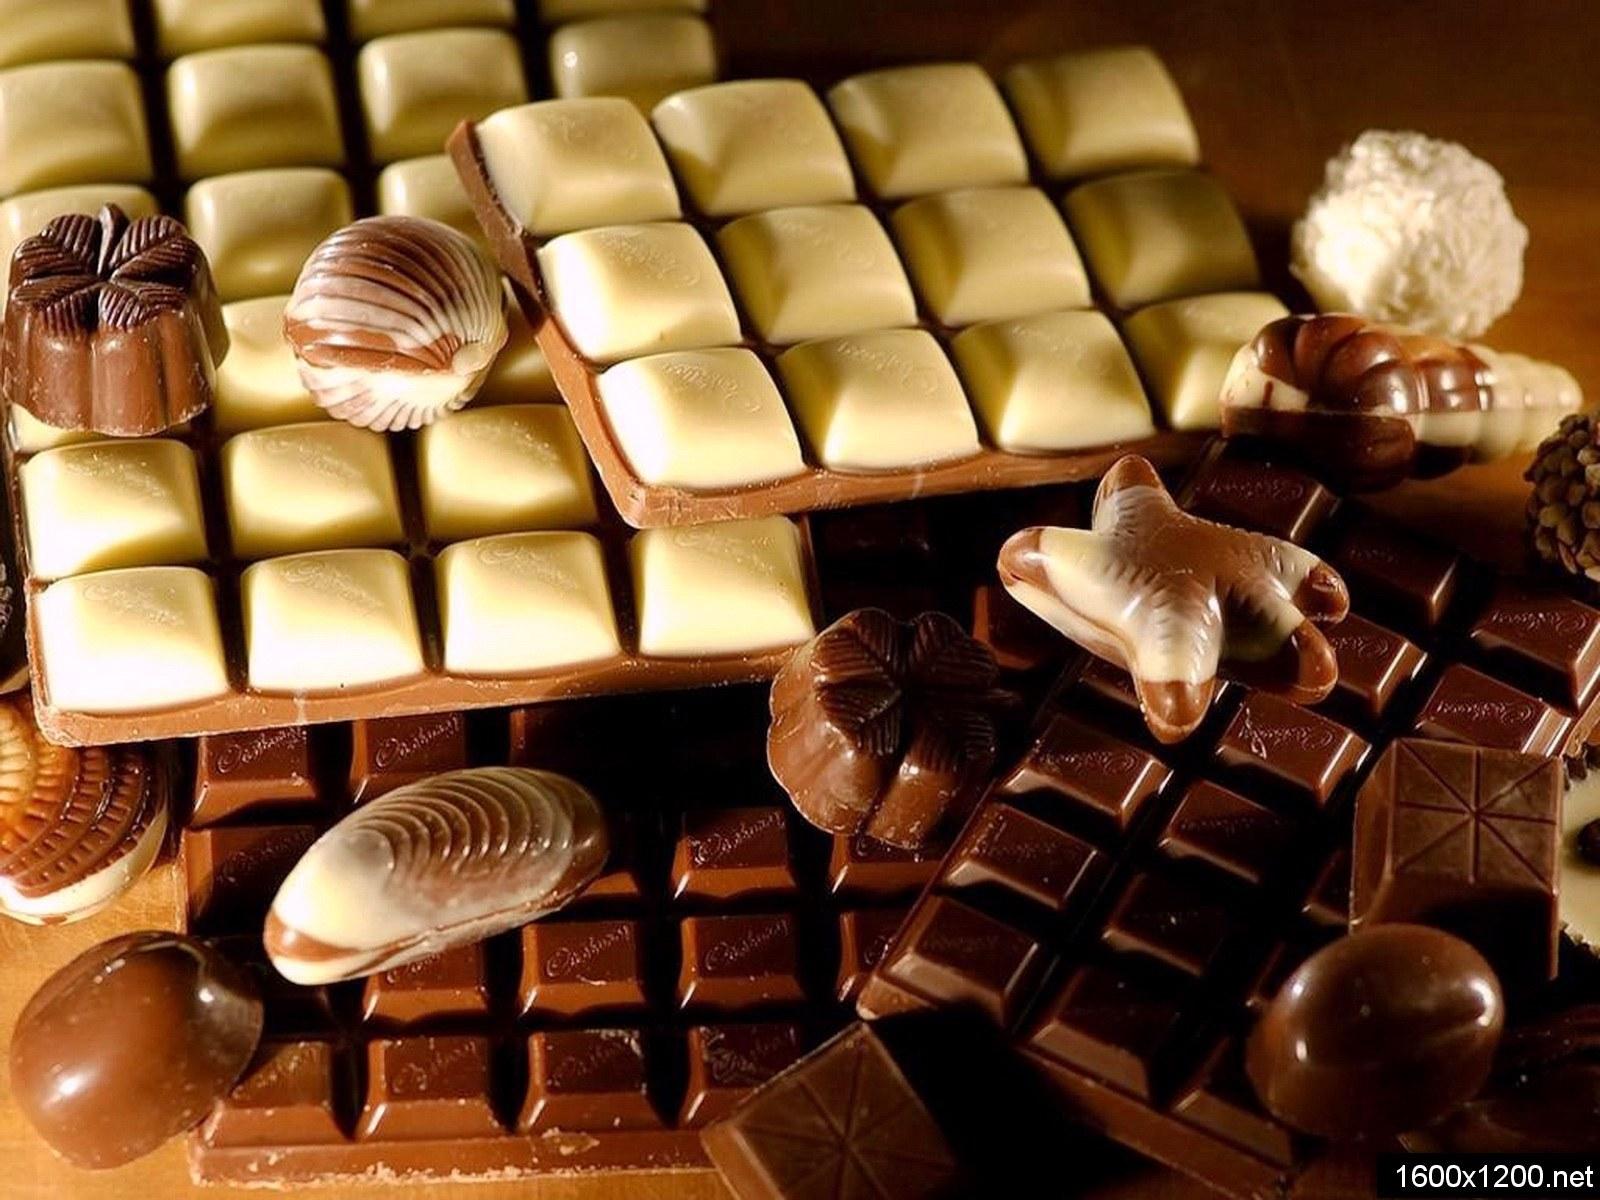 Открытки. С днем шоколада! Разные виды шоколада открытки фото рисунки картинки поздравления